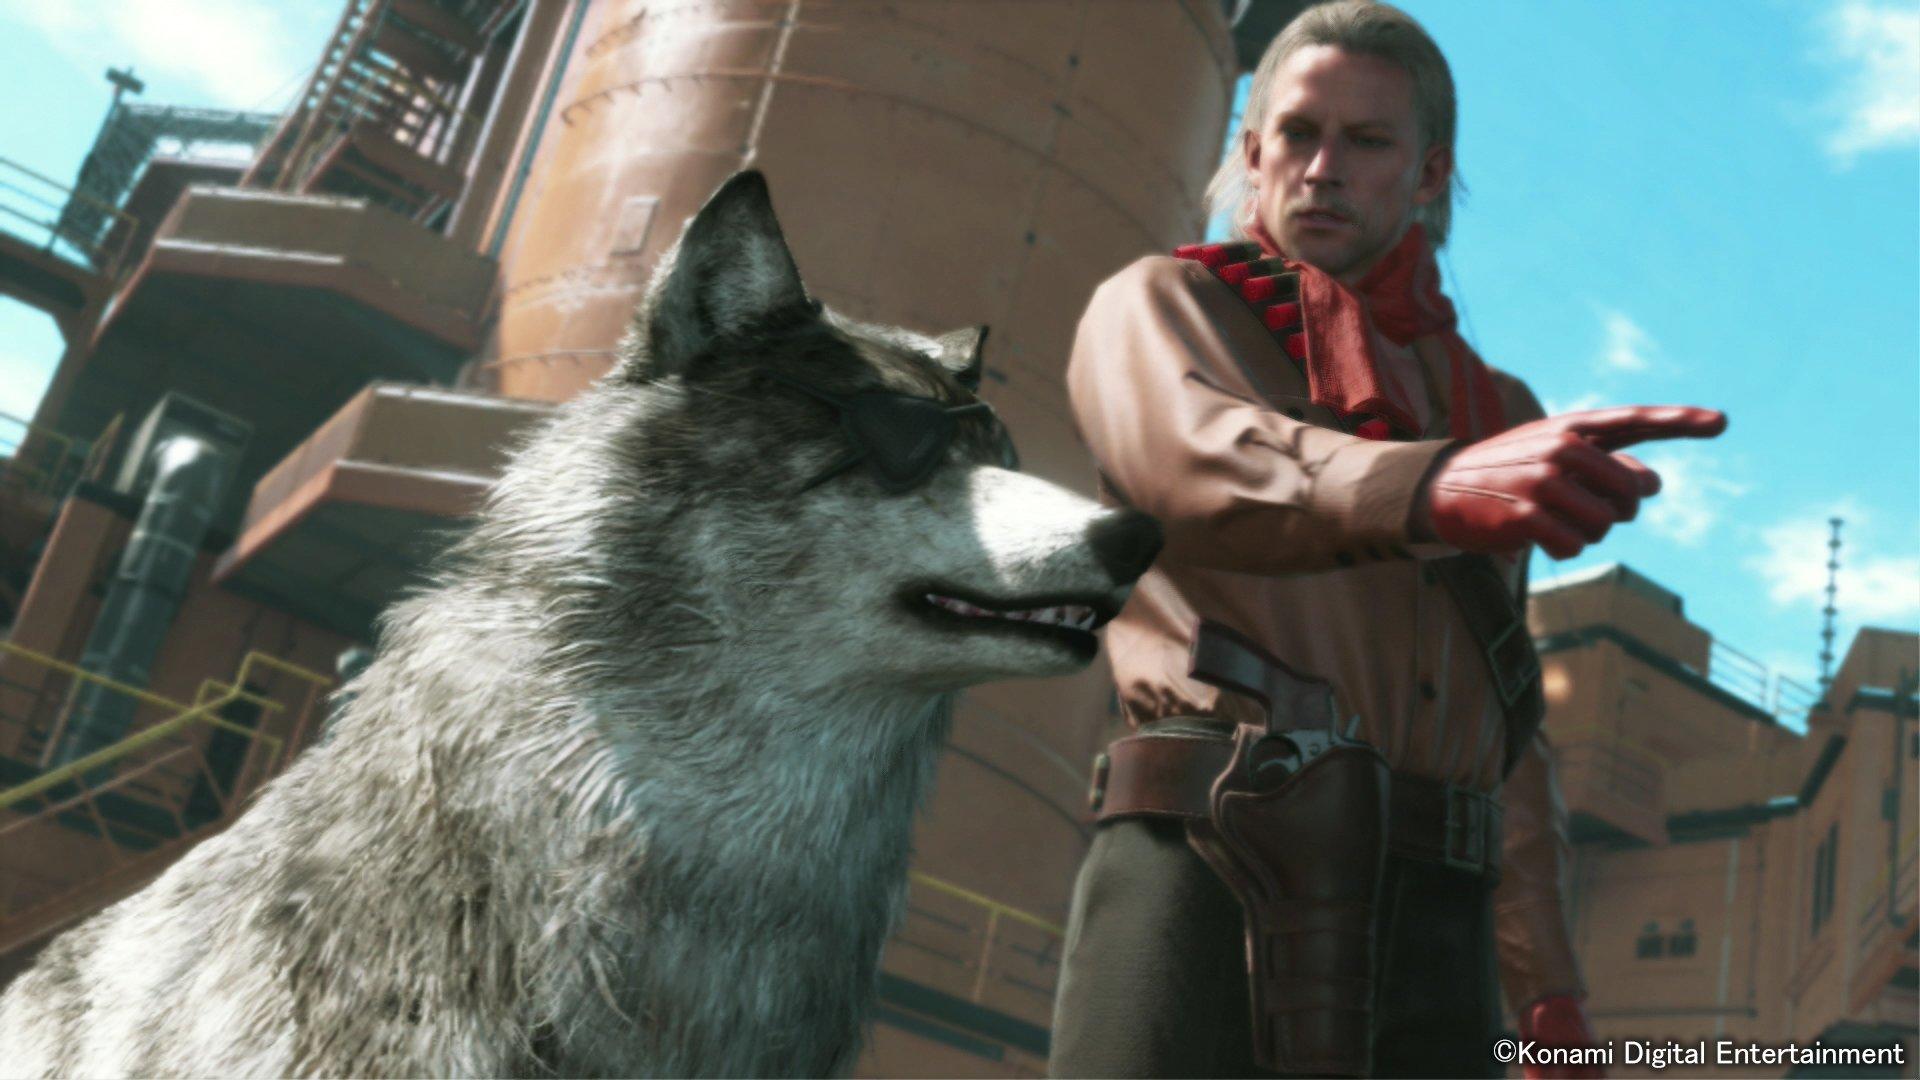 У Снейка ручной Волк! - Изображение 4